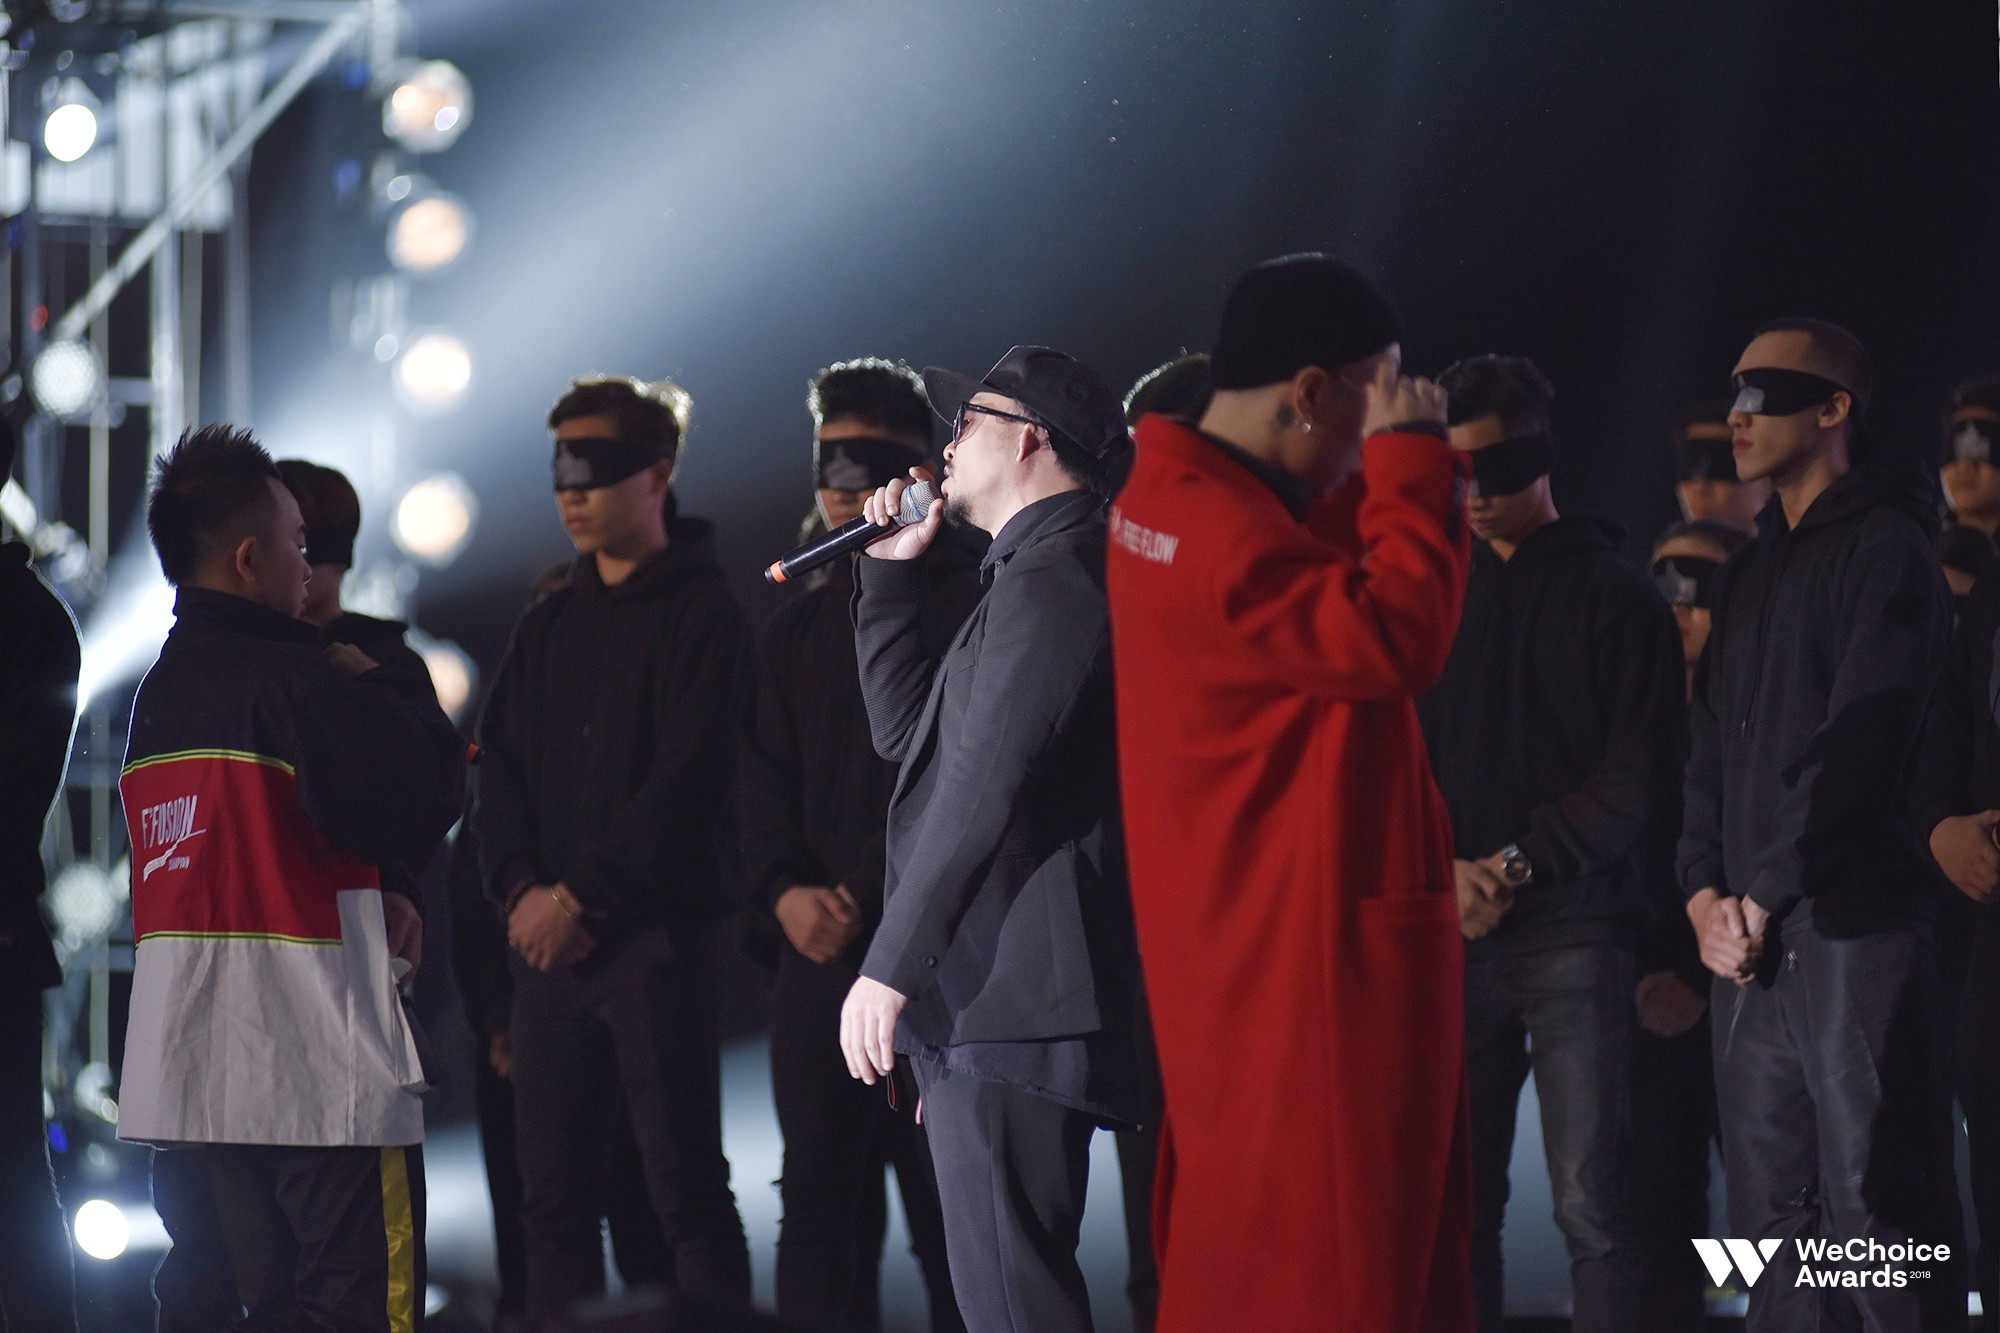 Clip: Tất tần tật các sân khấu đã tai mãn nhãn trong đêm Gala WeChoice Awards 2018 - Ảnh 3.